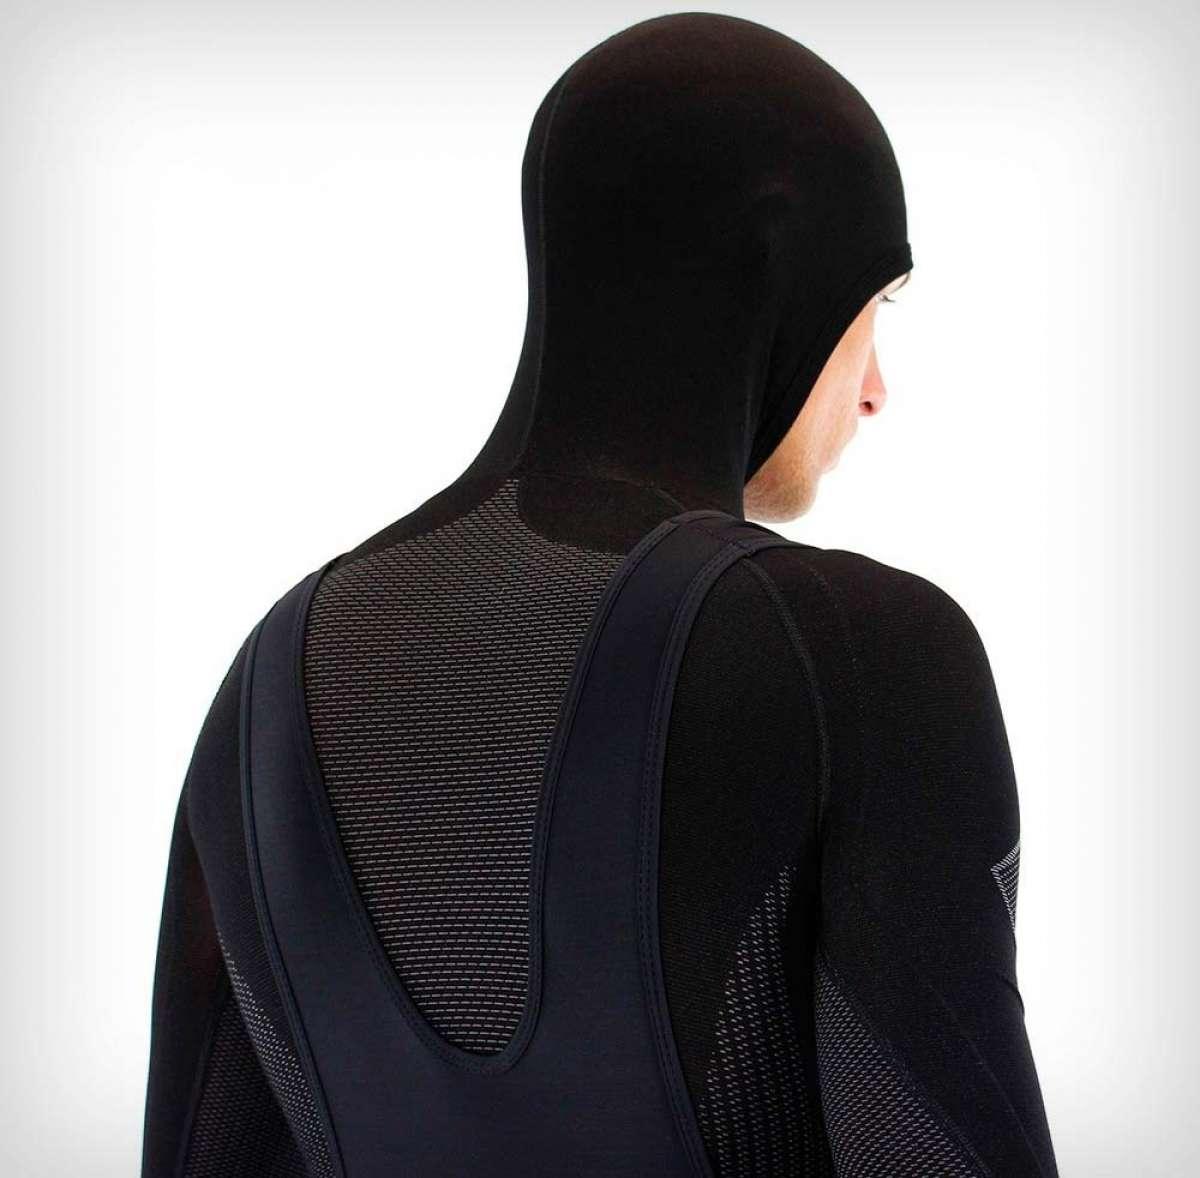 Protección extra contra el frío con la camiseta interior Ekoï Thermo con capucha integrada